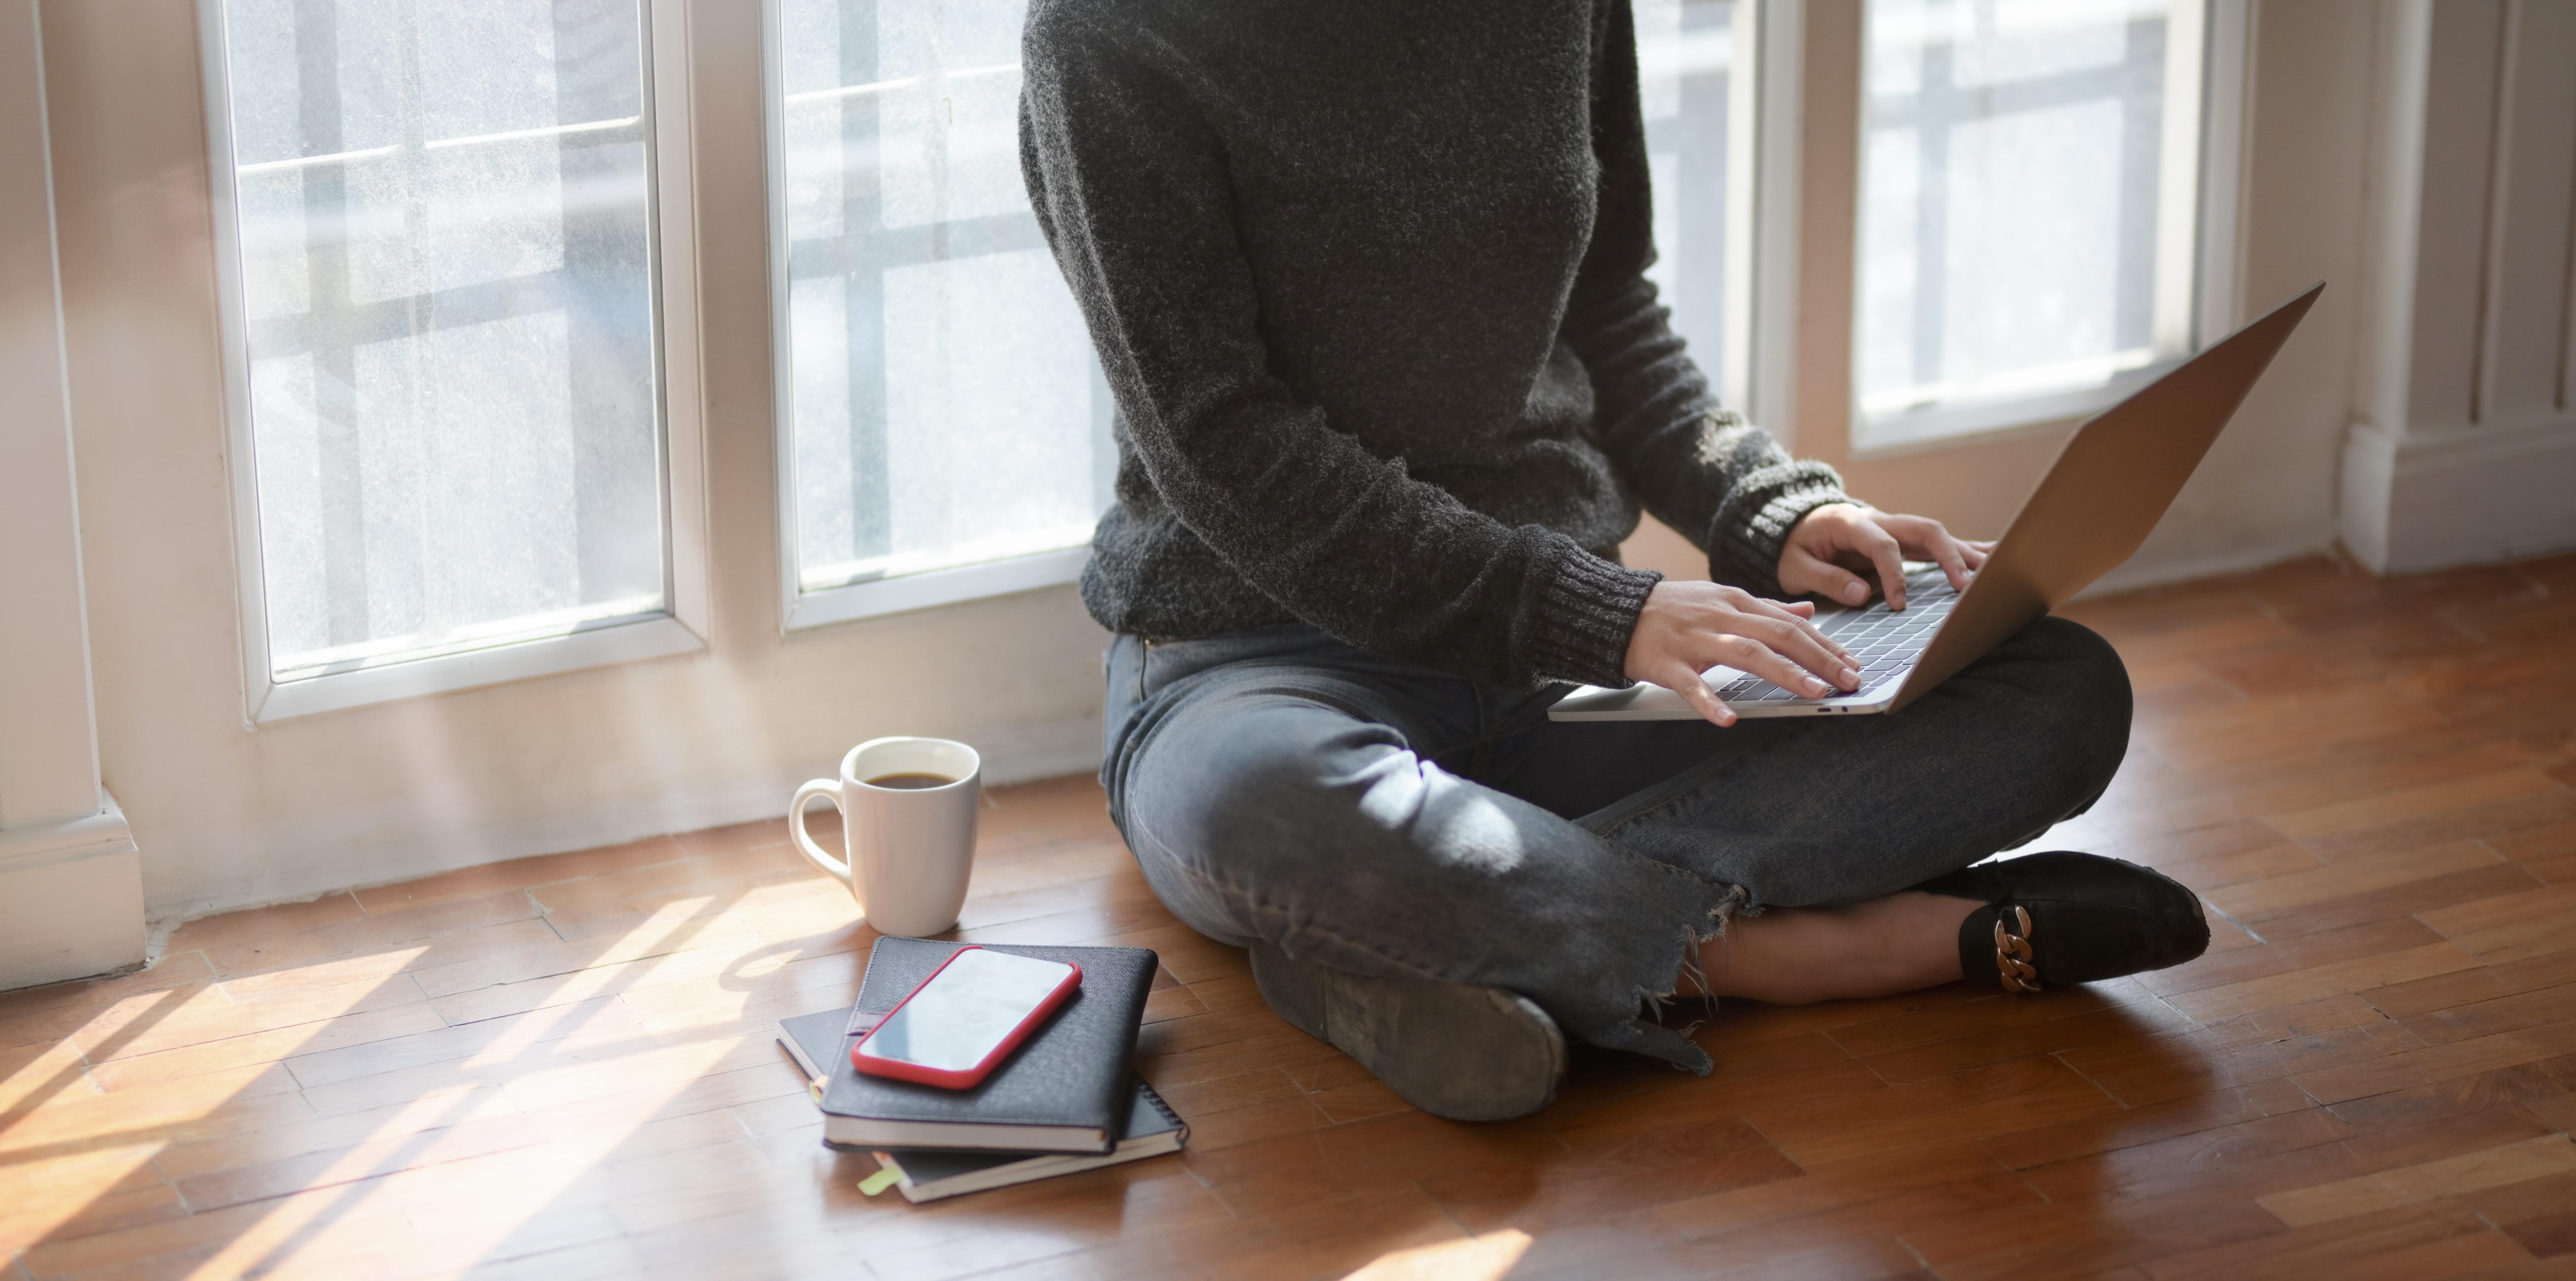 14 távmunka, otthoni pénzkeresési ötlet, ami működik | Családesignaward.hu